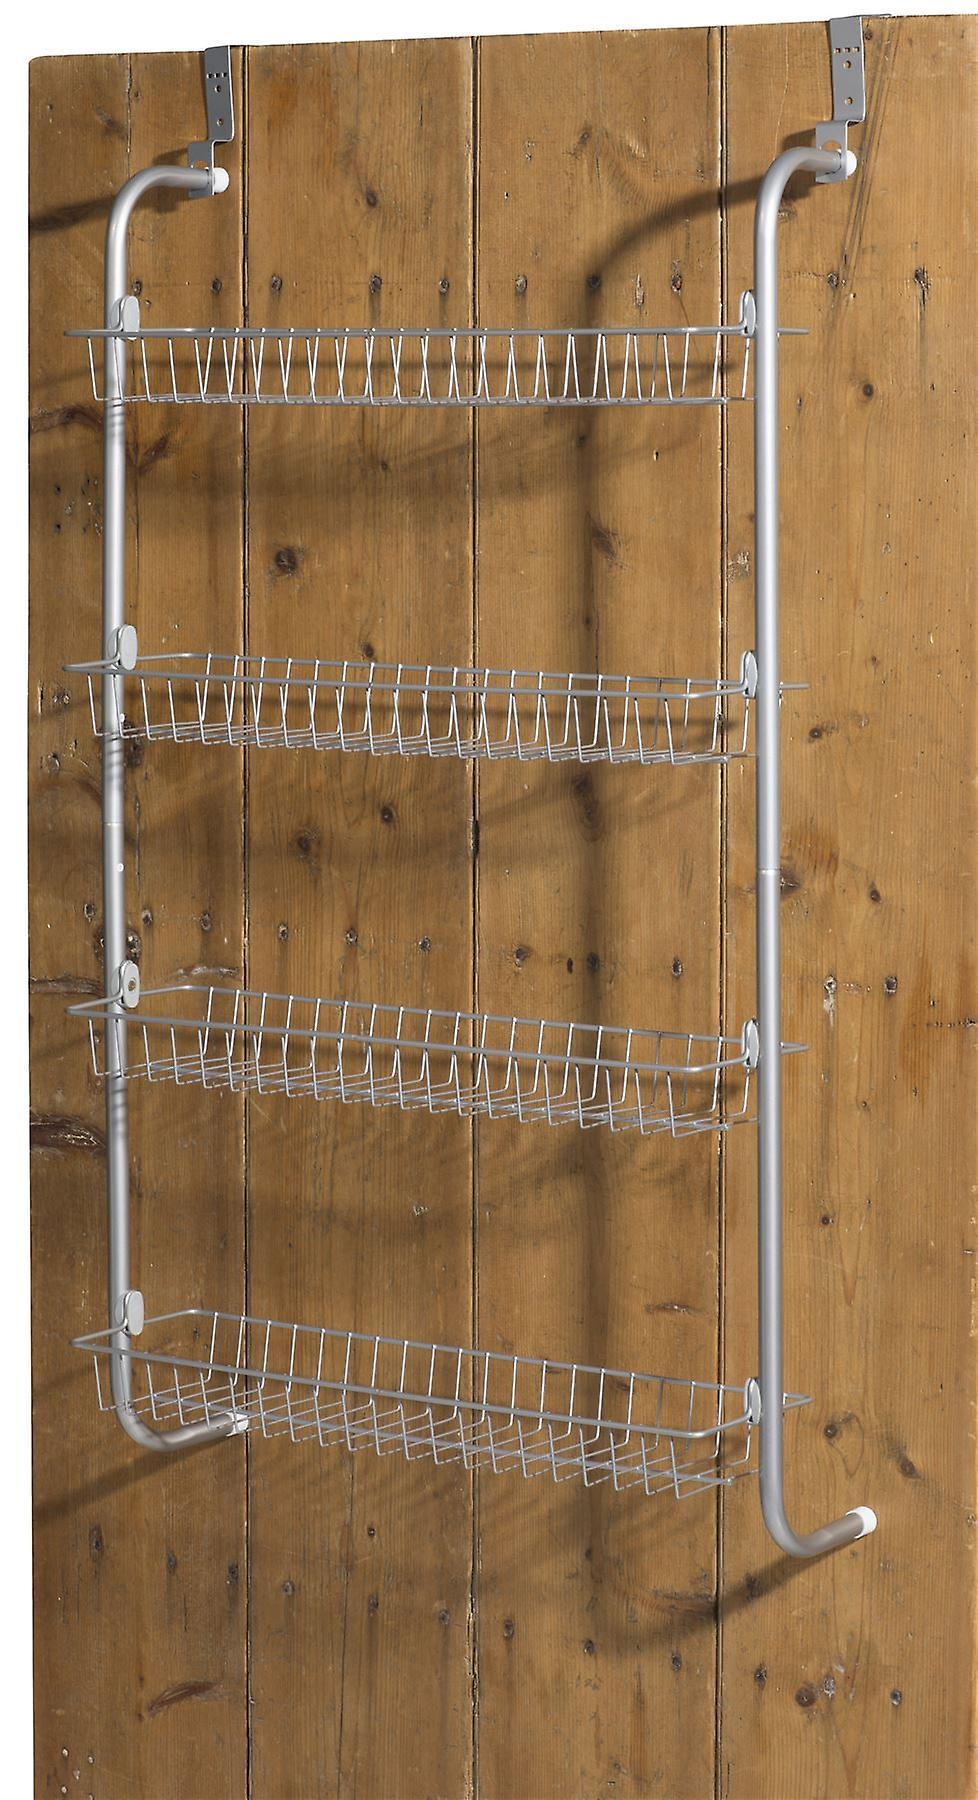 4 Tier Over Door Hanging Rack / Shelves For Pantry Or Storage Cupboard